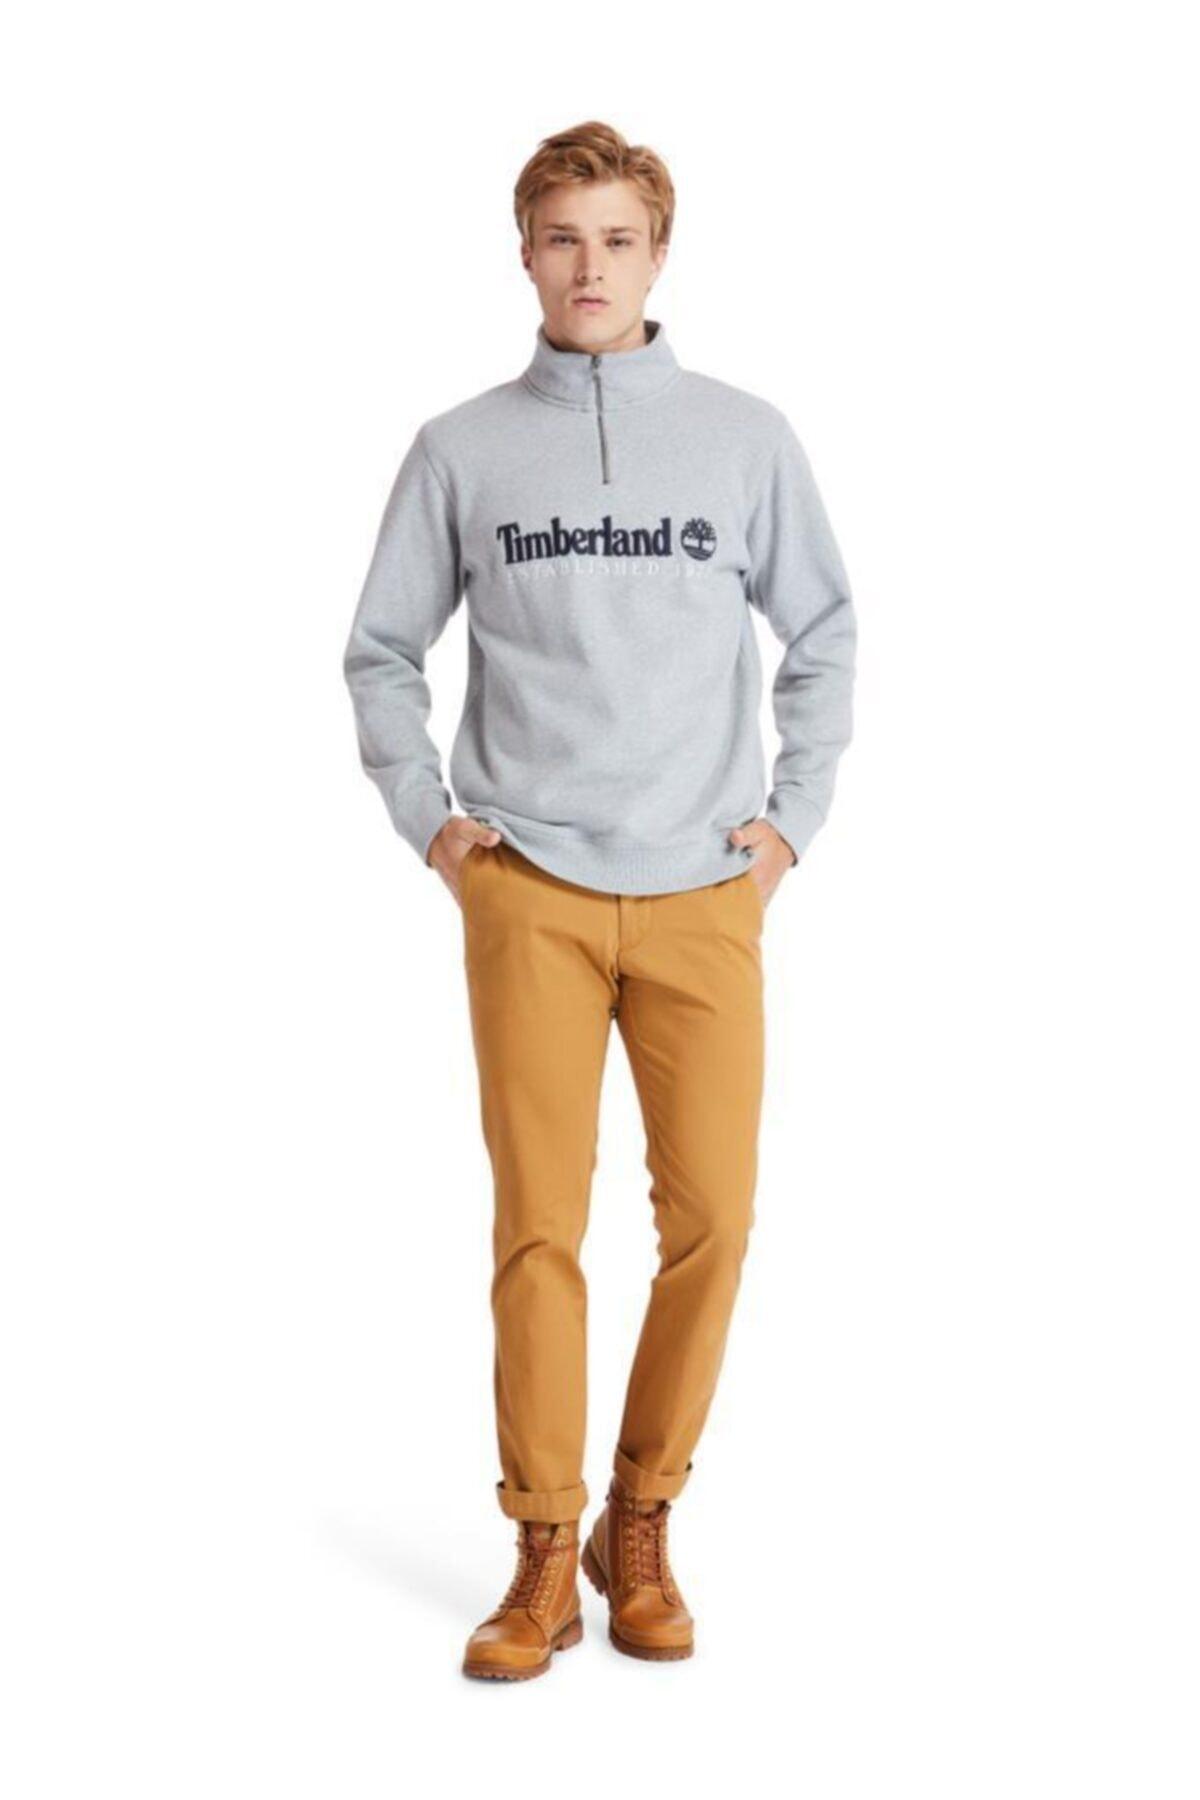 Timberland Outdoor Heritage Est.1973 Yarım Fermuarlı Erkek Sweatshirt Gri 1